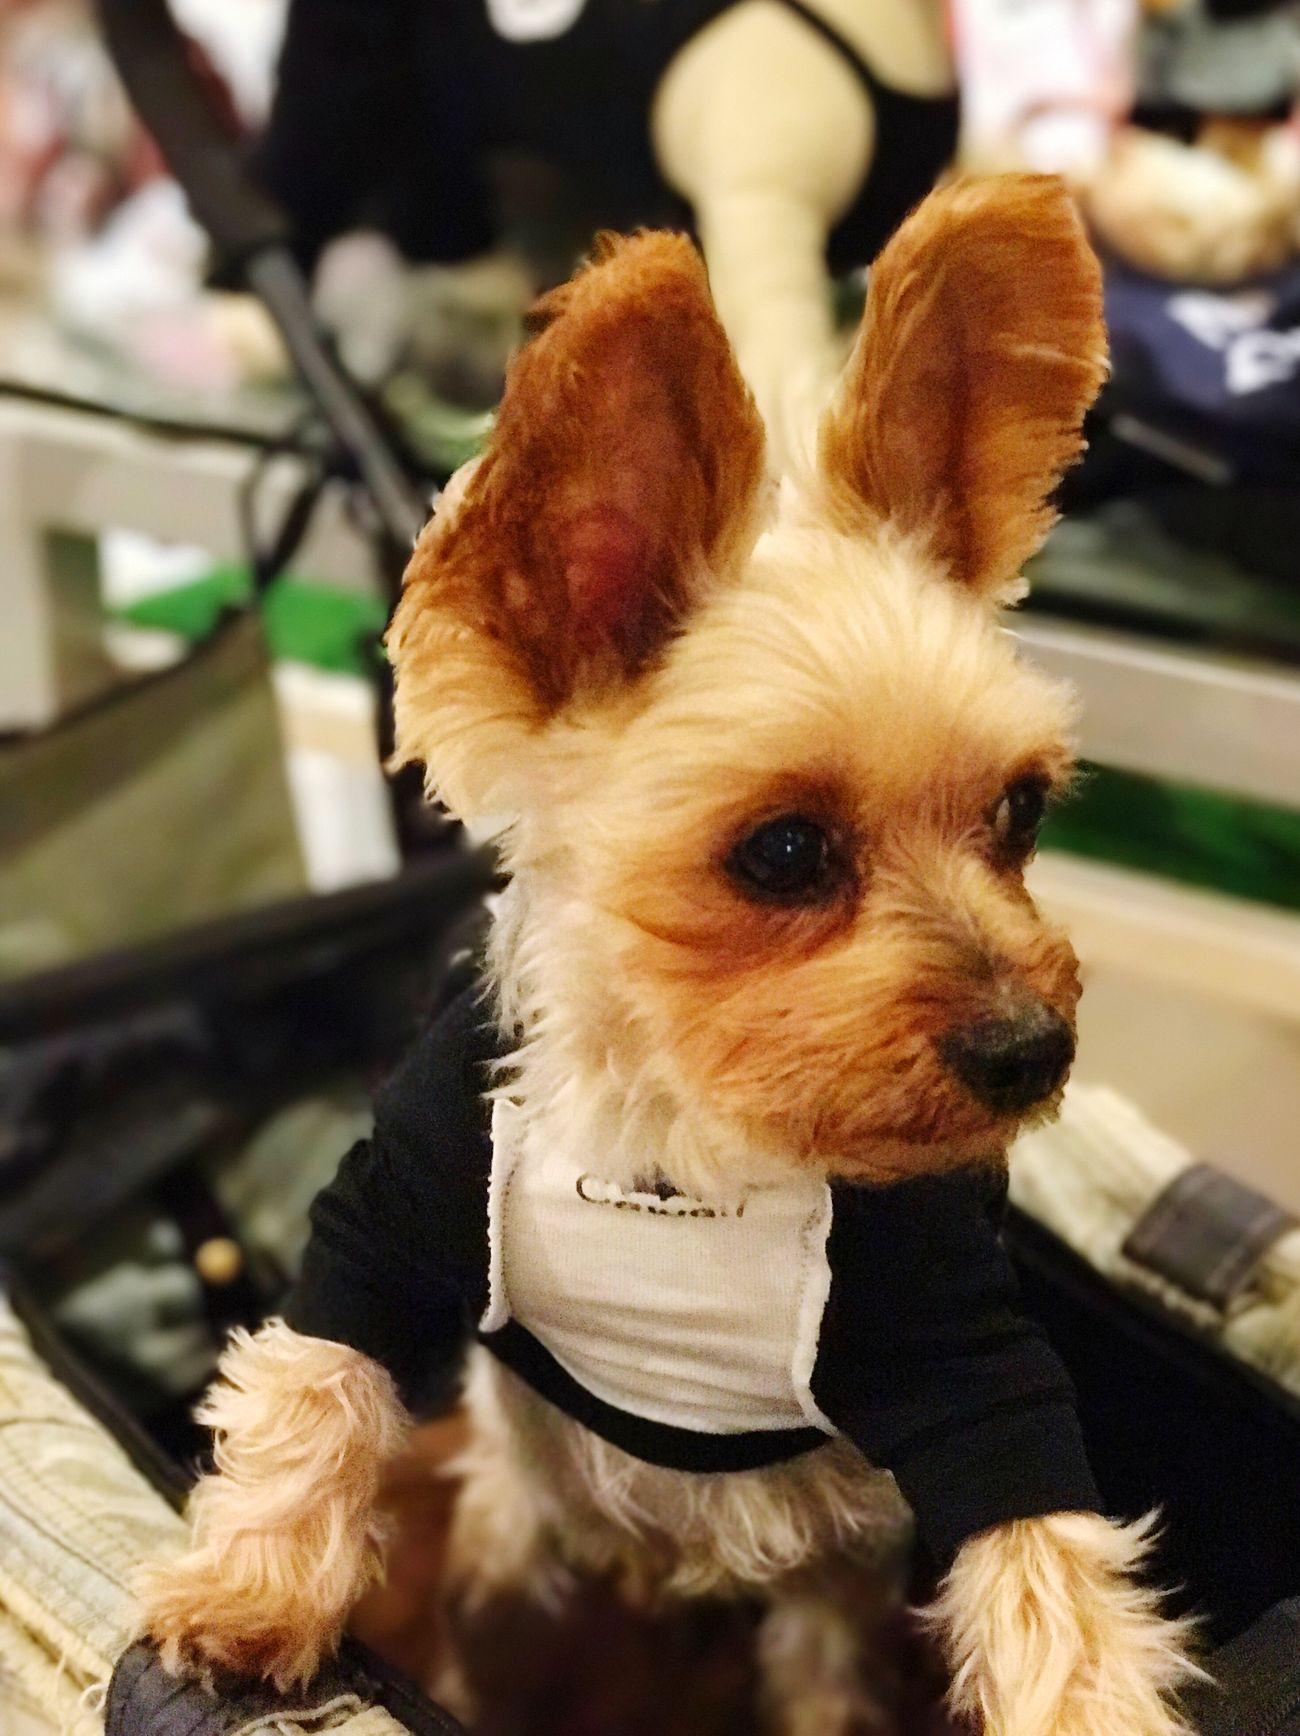 IPhone7Plus Dog Indoors  Close-up